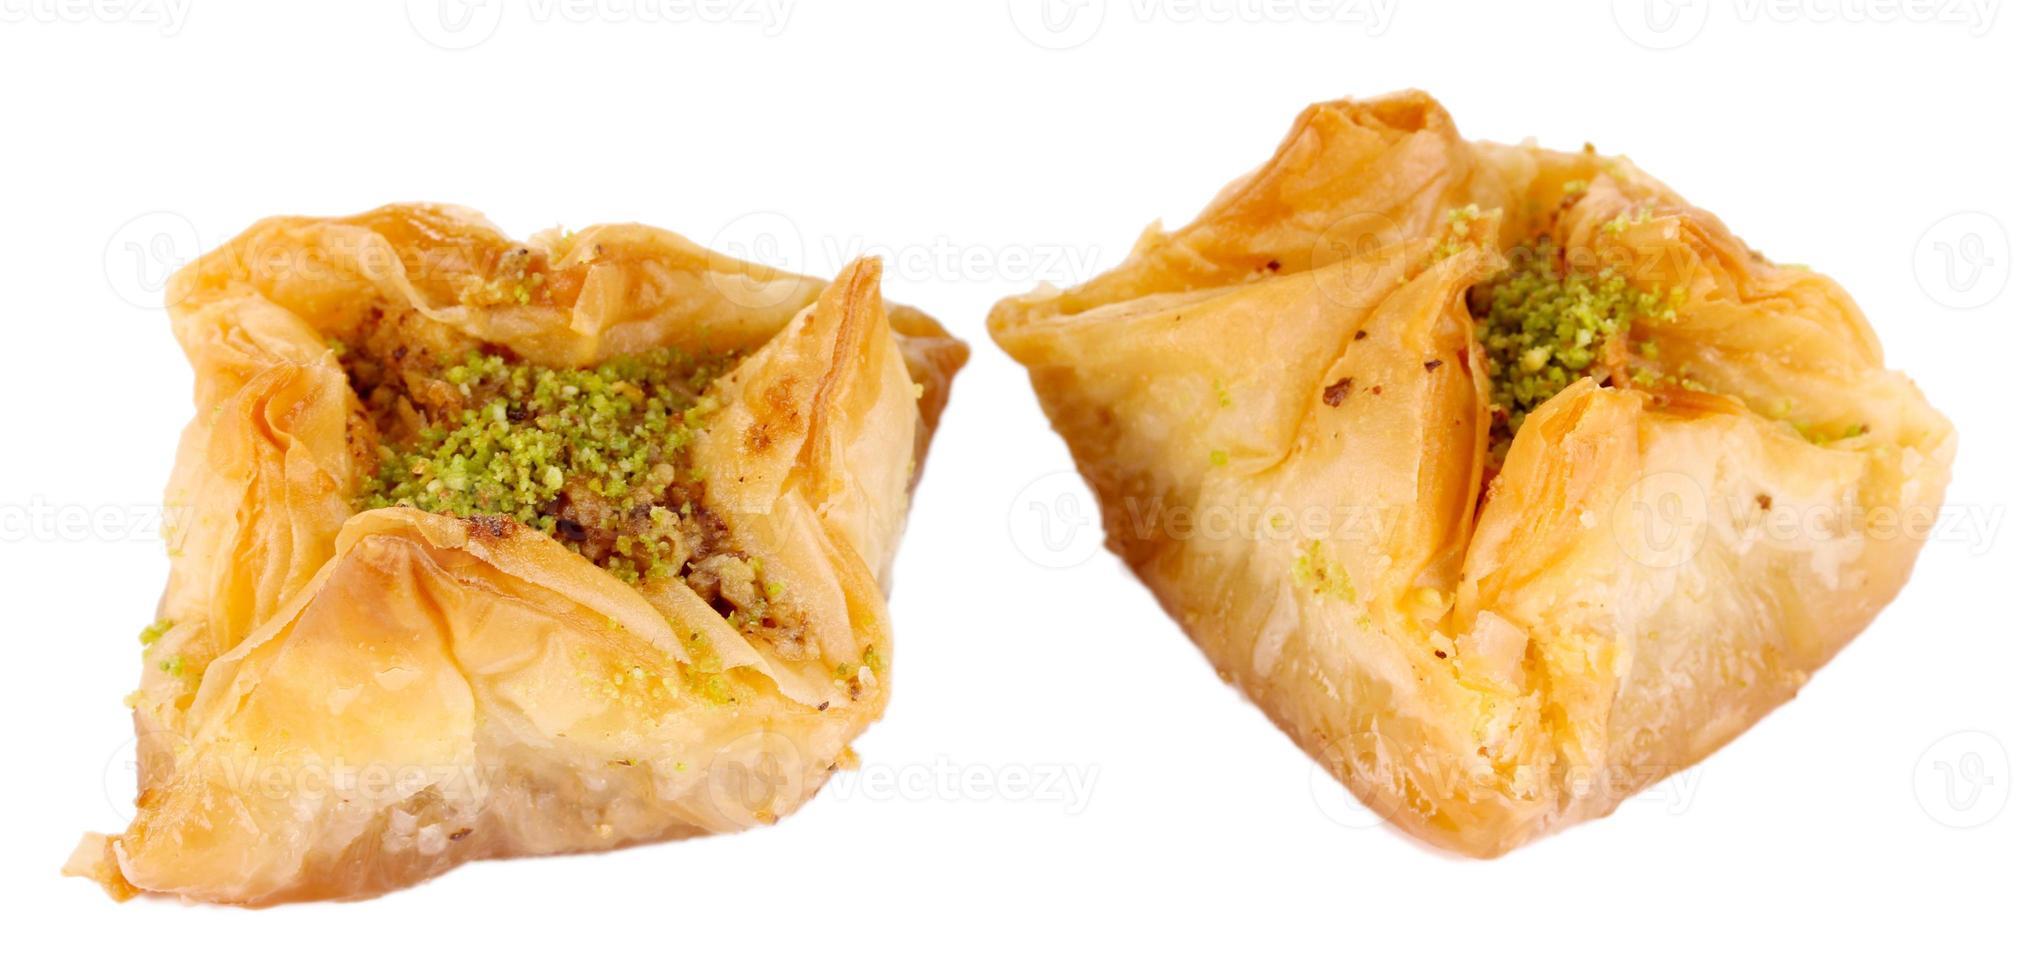 baklava doce isolado no branco foto